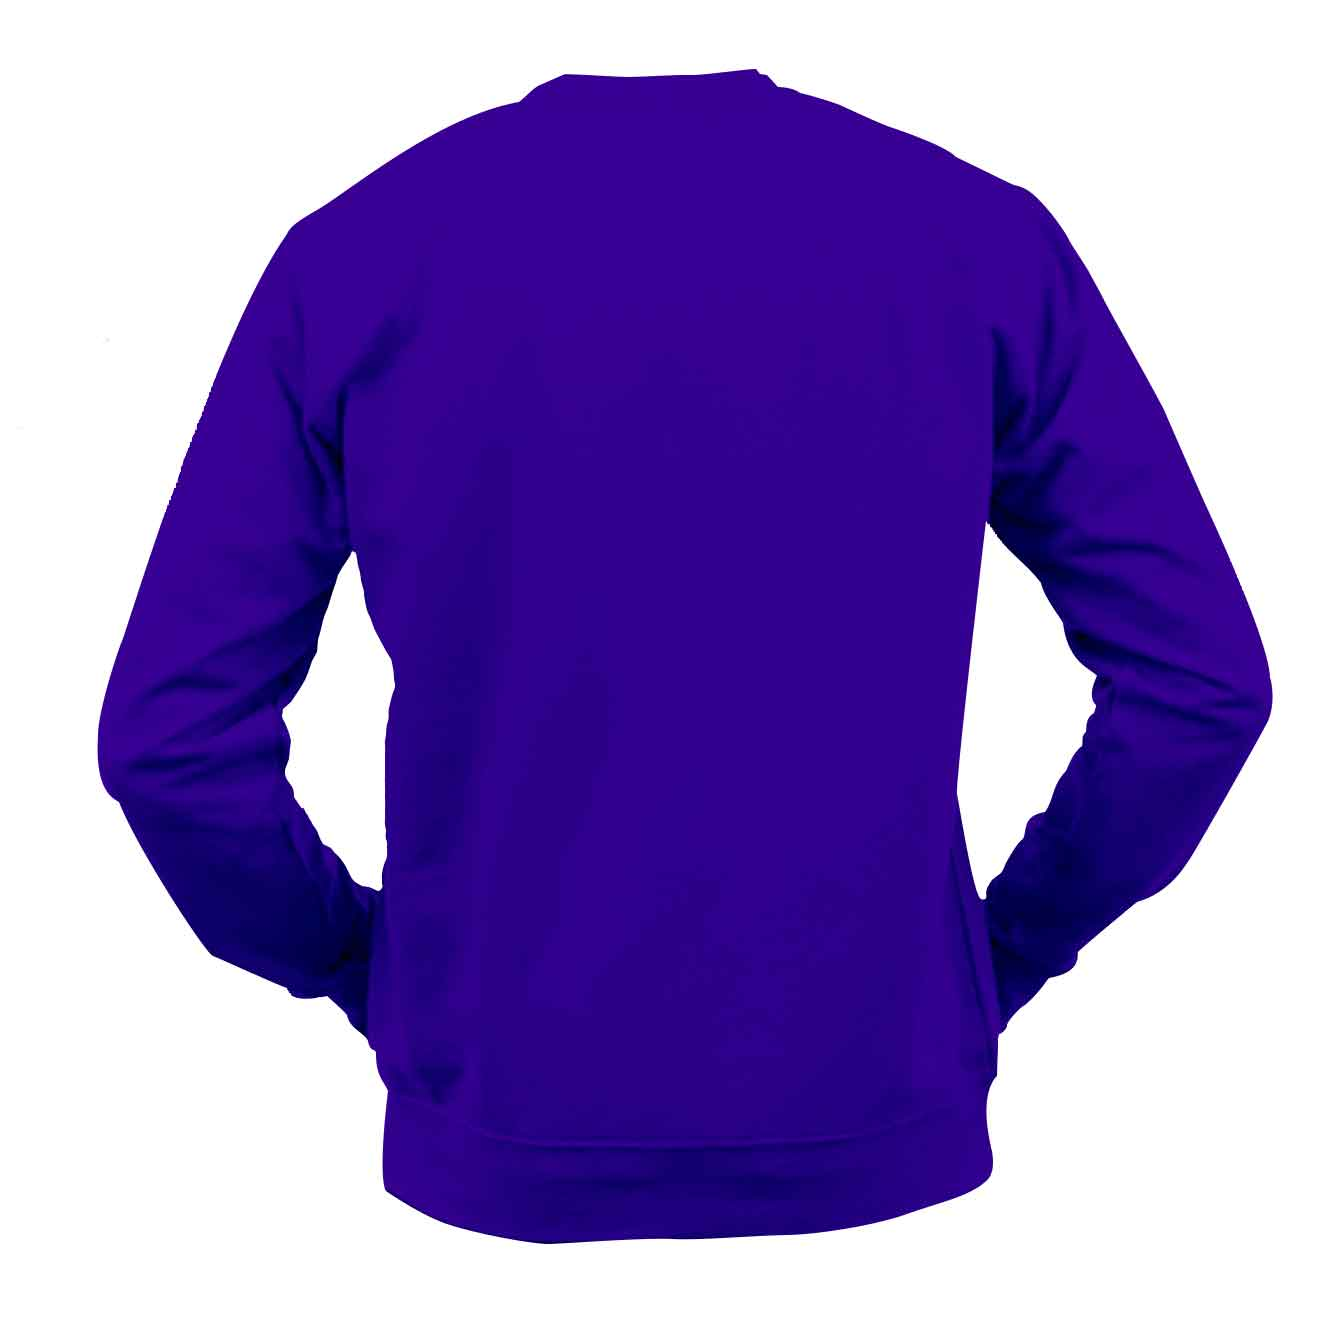 05_jh030_violet--0-0--fdb45851-5b88-4c64-b661-c57ff565e903